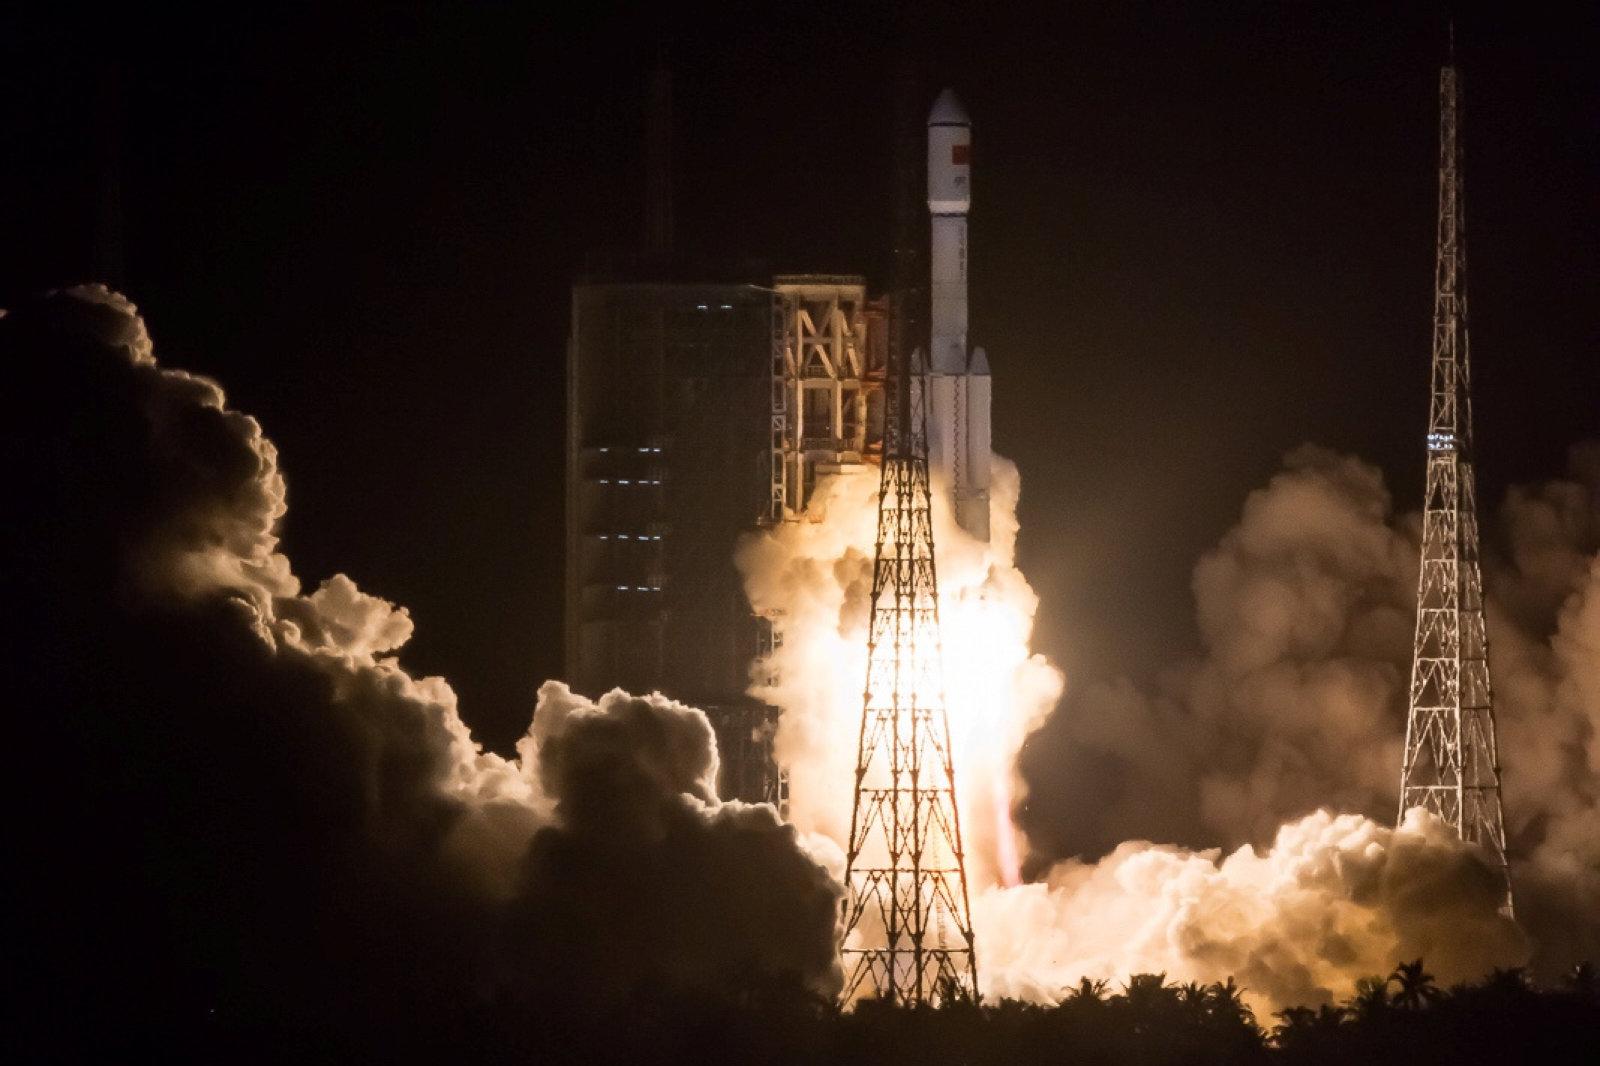 موفقیت چین در سوخت رسانی به یک ماهواره در مدار